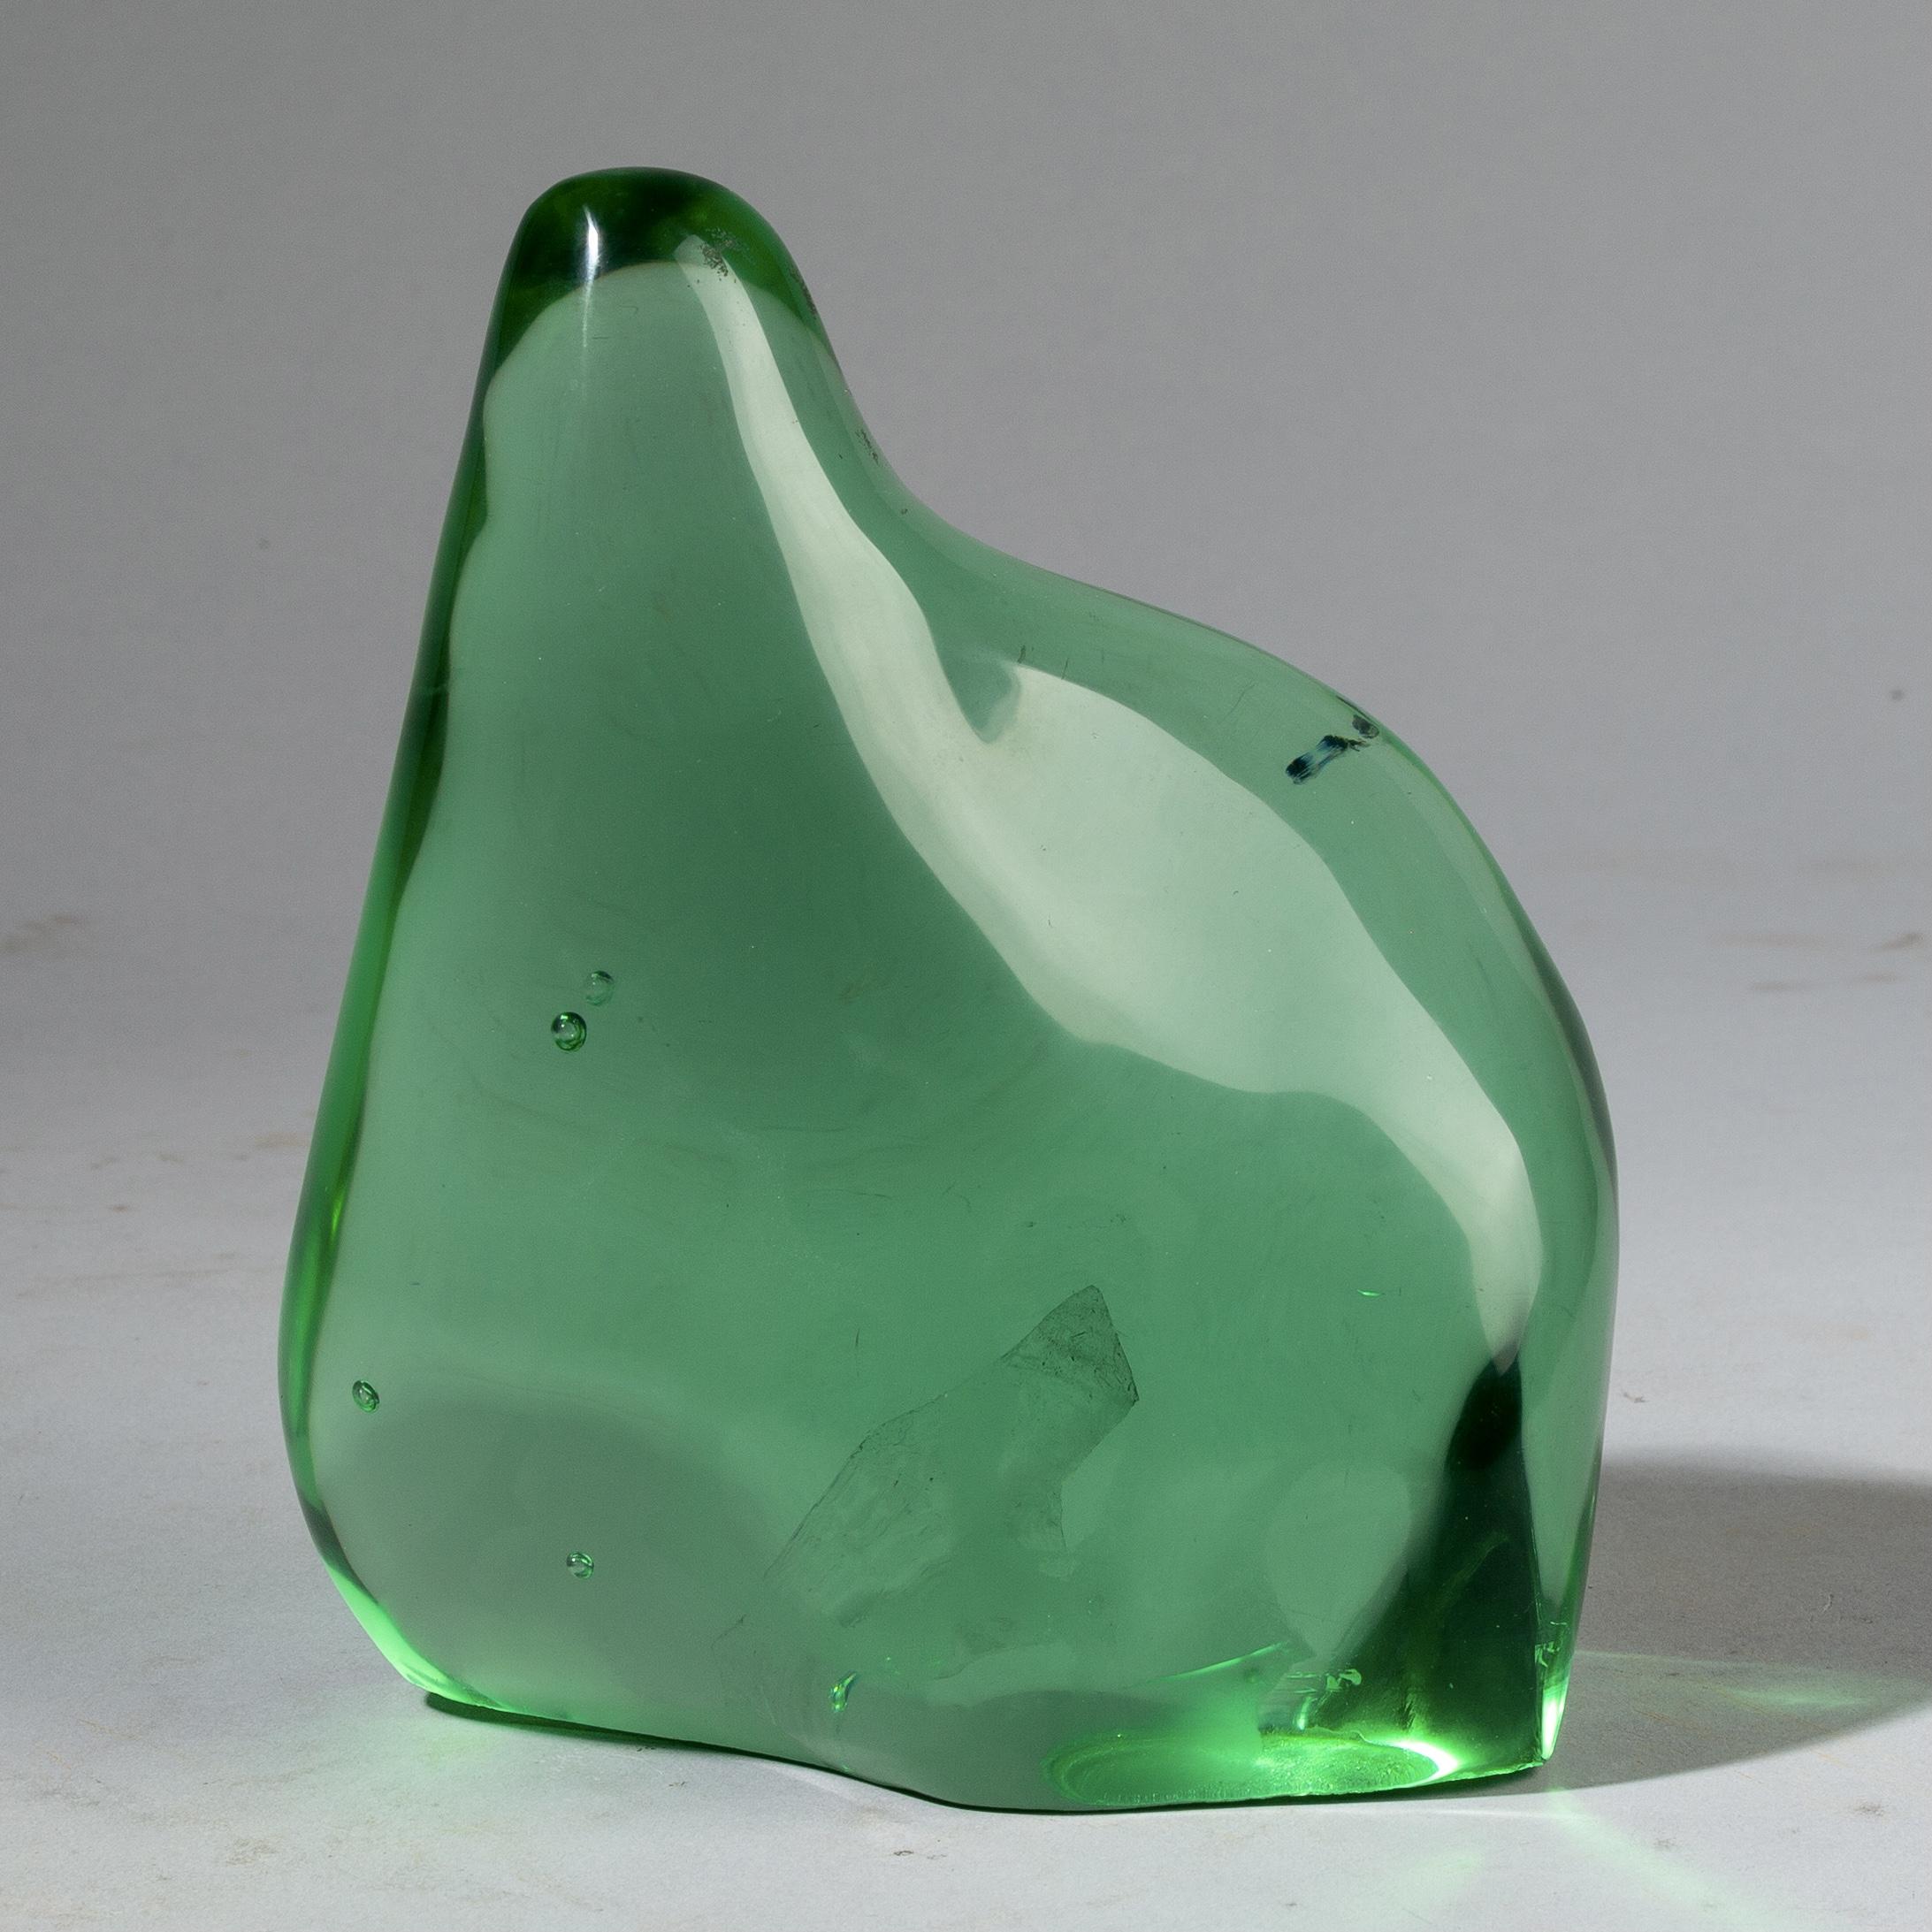 A CURVY EMERALD GREEN NATURAL GLASS SCULPTURE ( No 3179 )